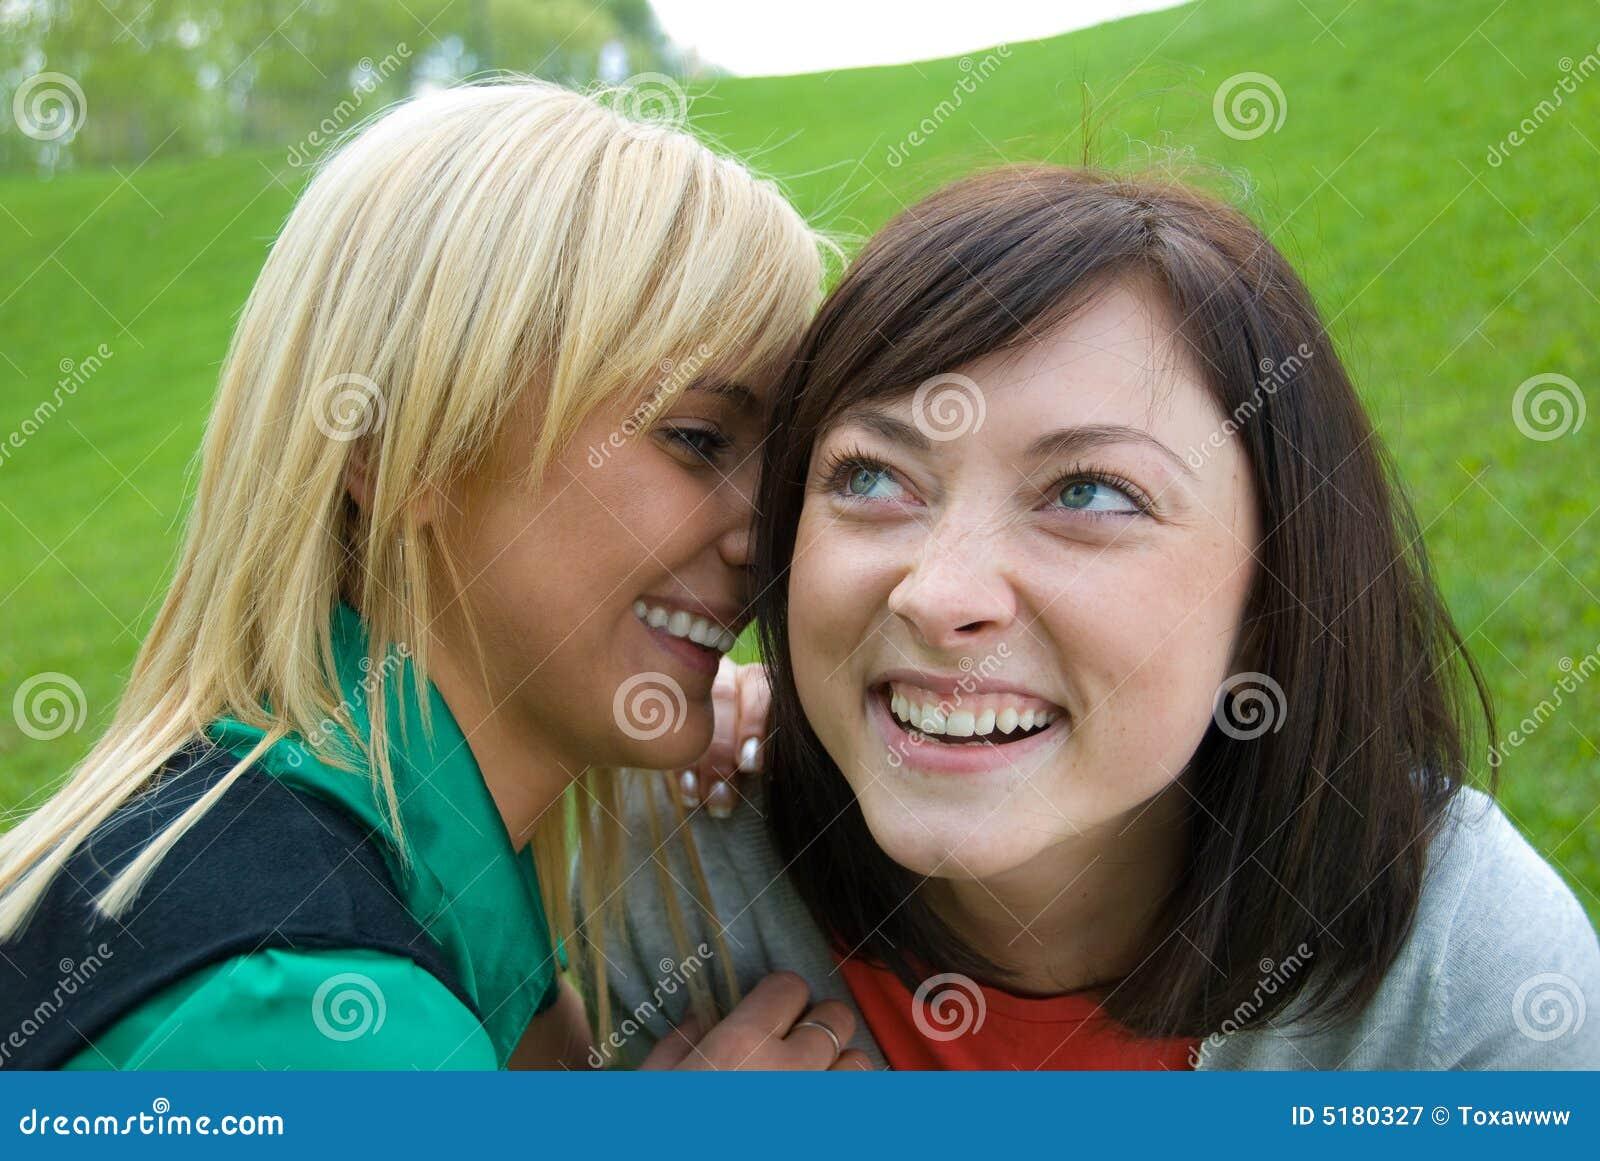 lesbiennes sexe secrets